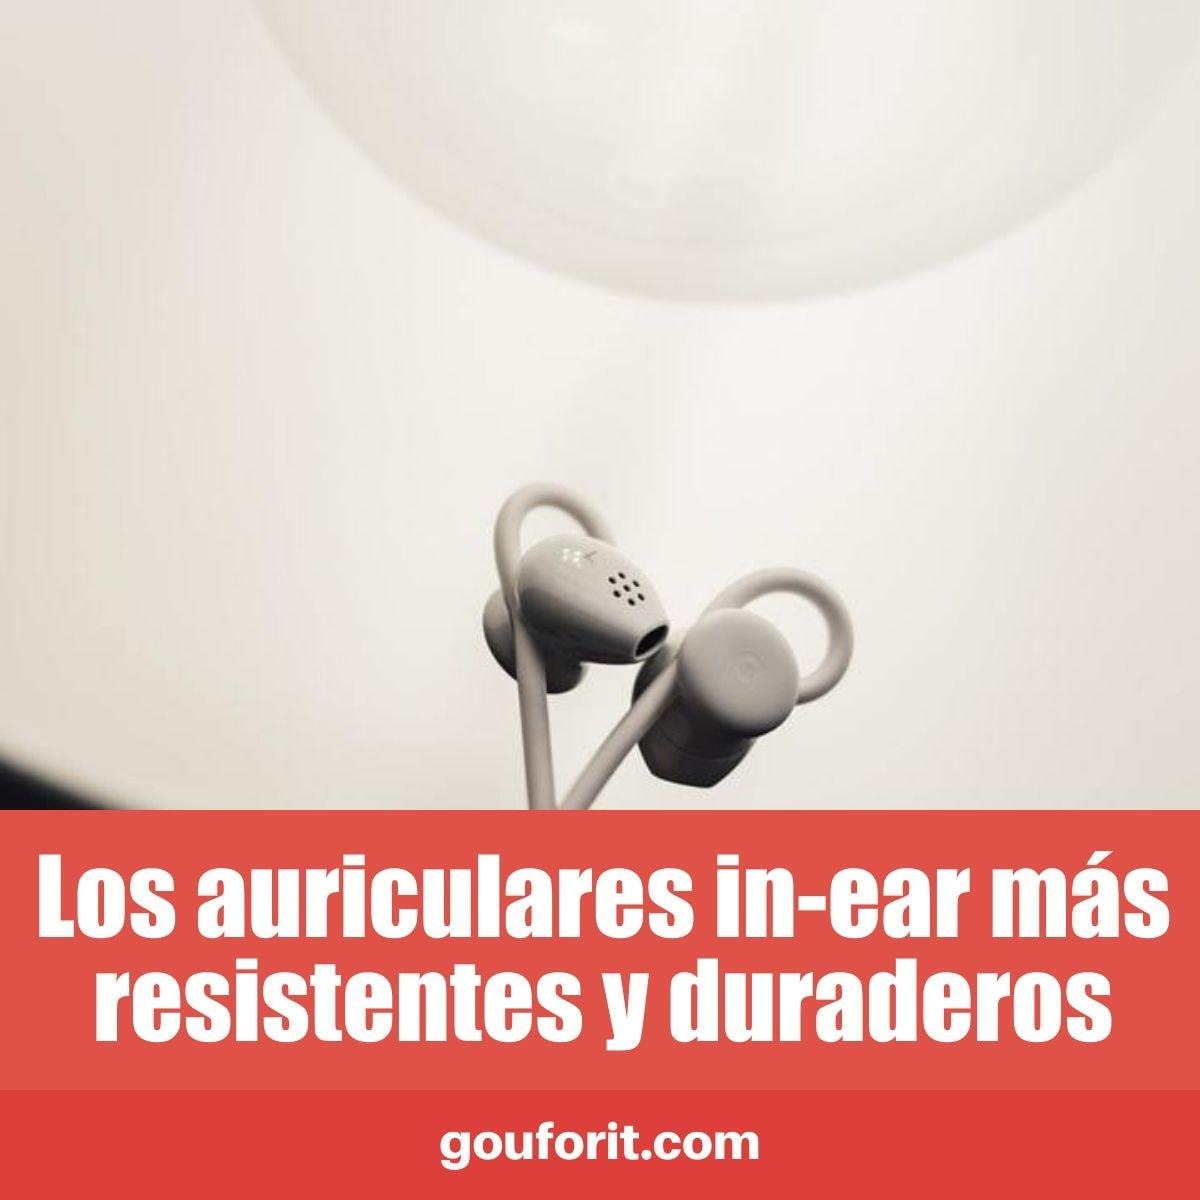 Los auriculares in-ear más resistentes y duraderos